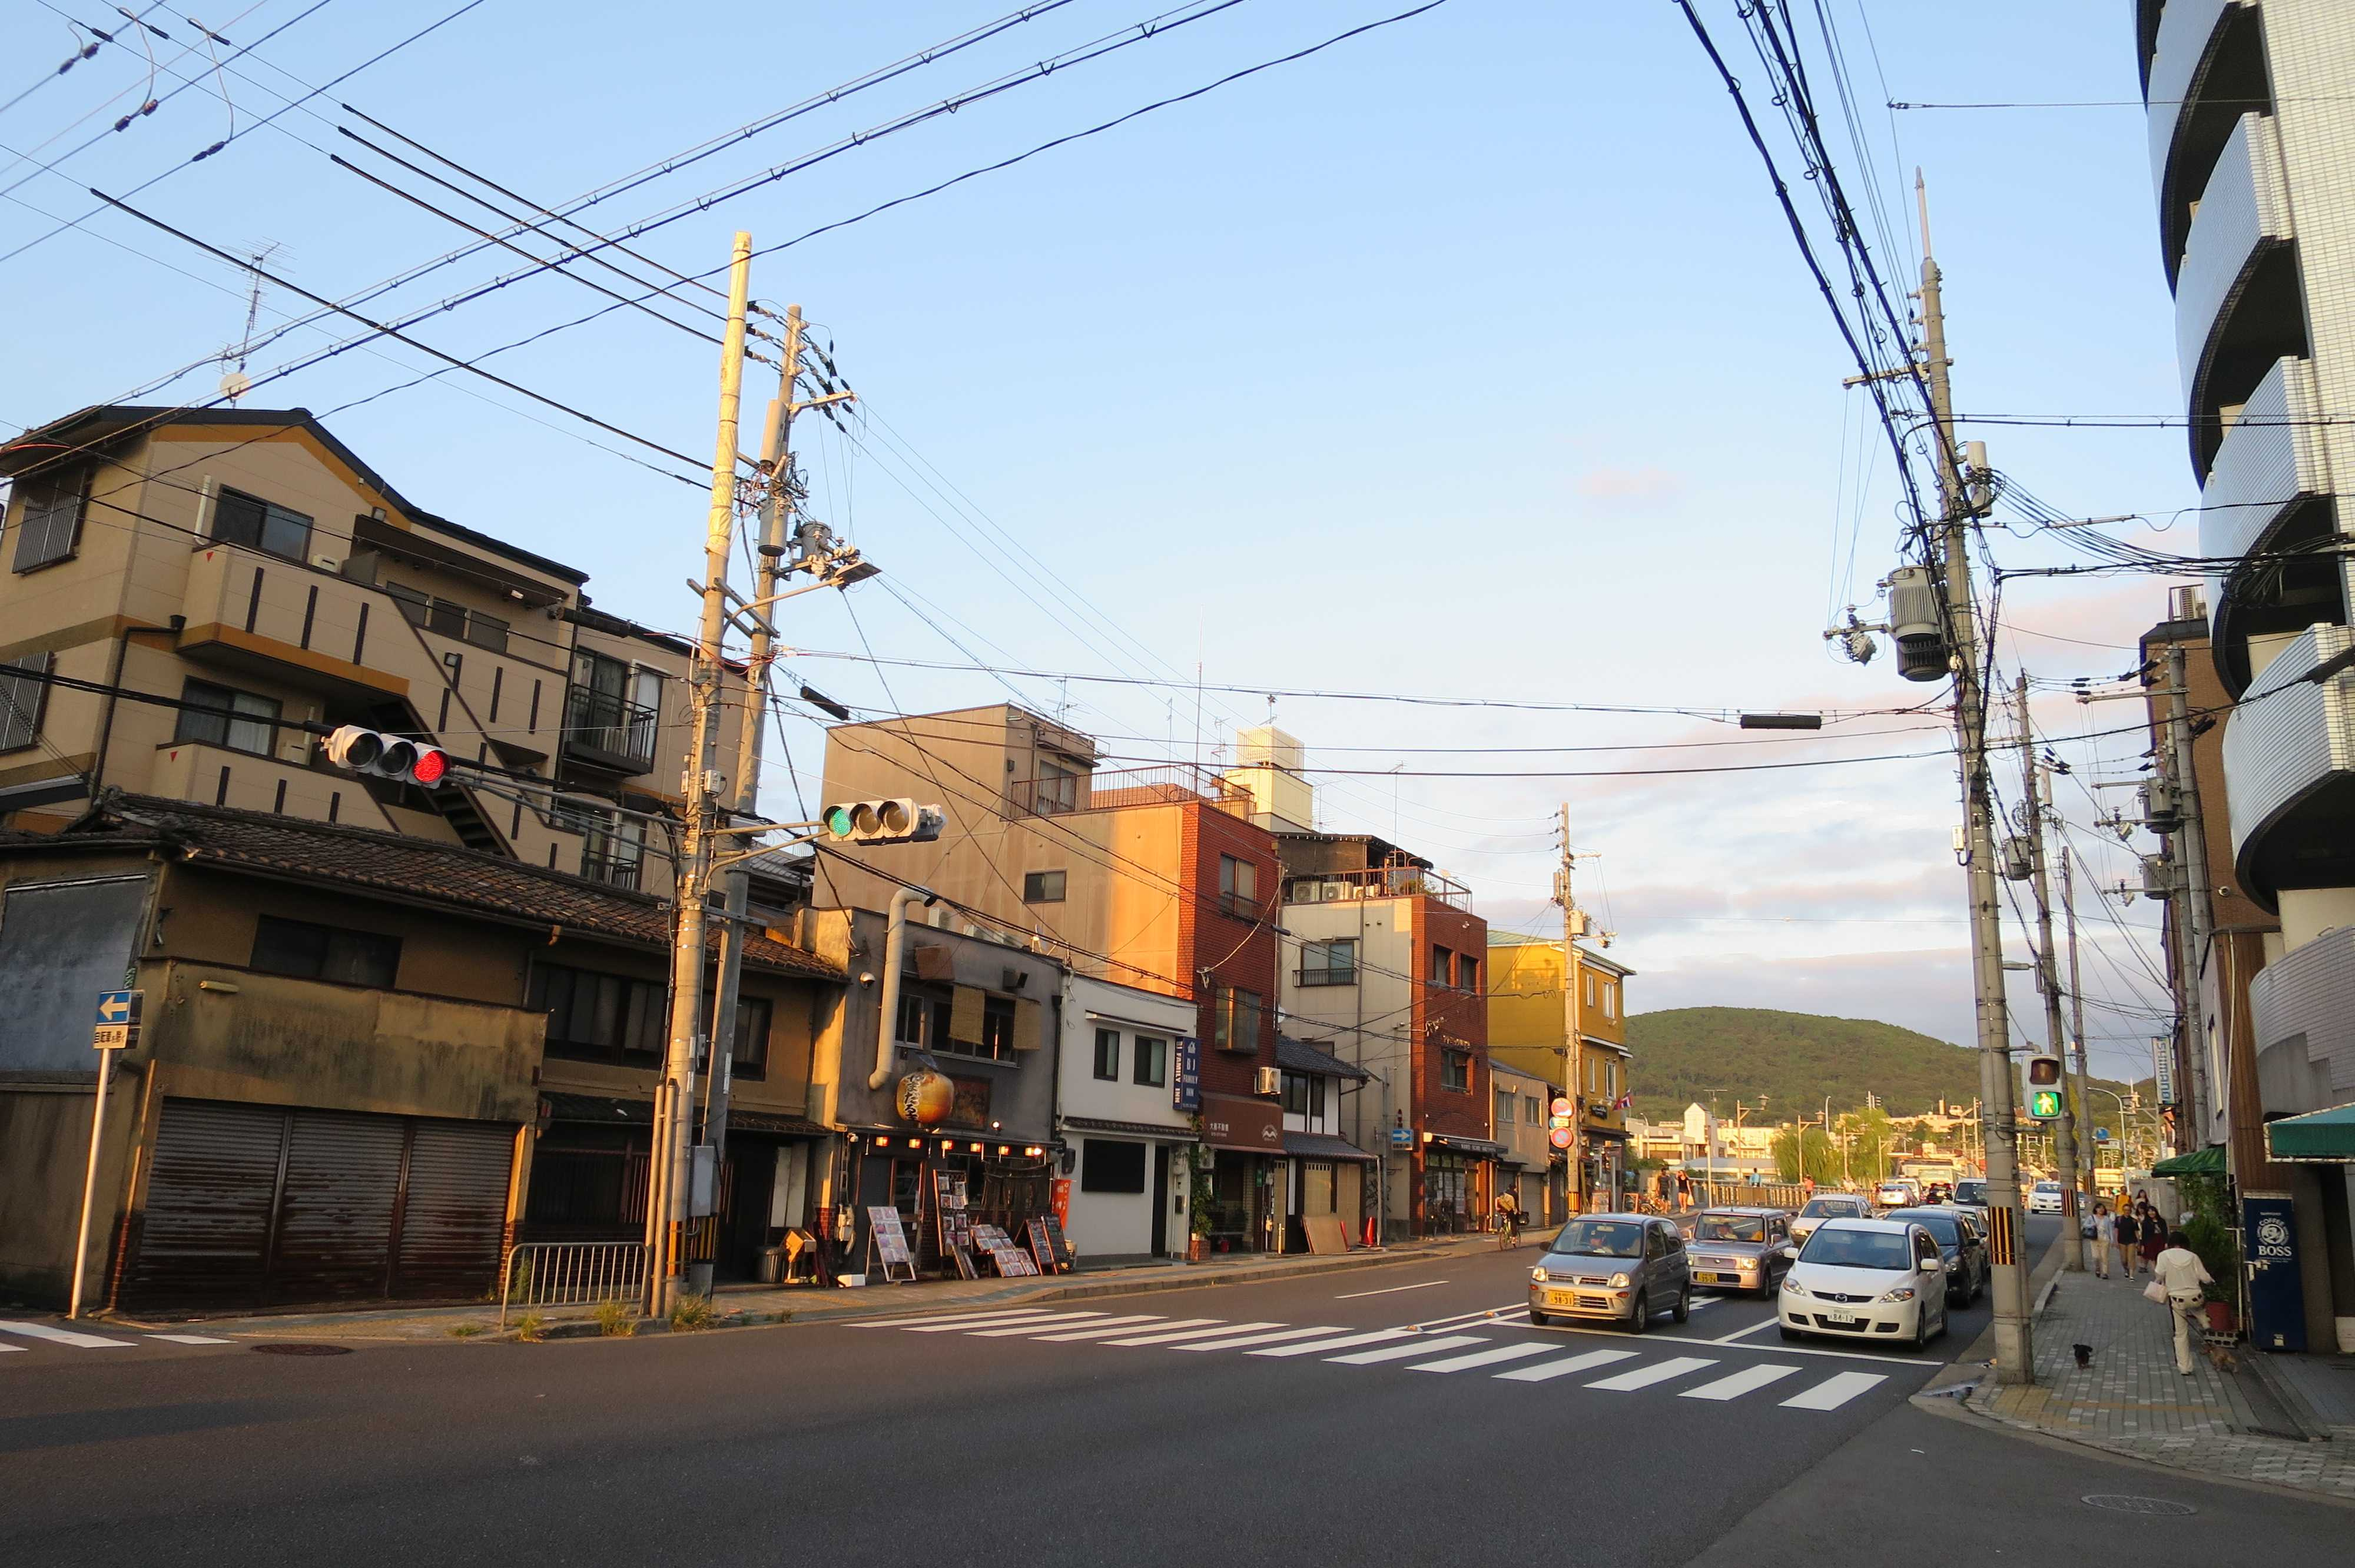 京都・崇仁地区 - 七条通